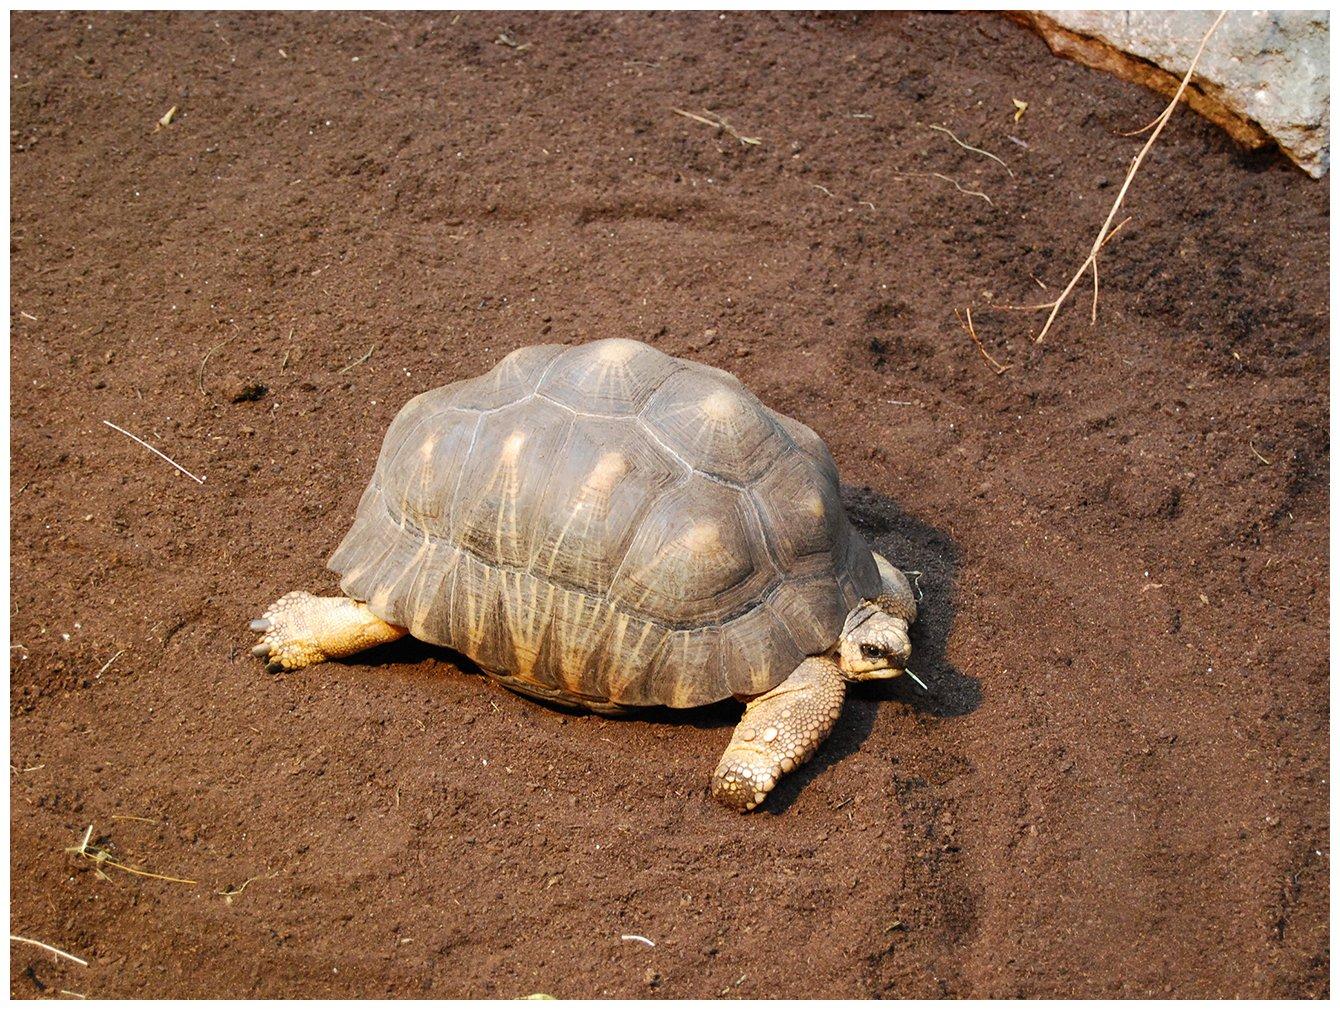 Kleiner Kühlschrank Für Schildkröten : Floragard schildkrötensubstrat l natürliche einstreu ohne